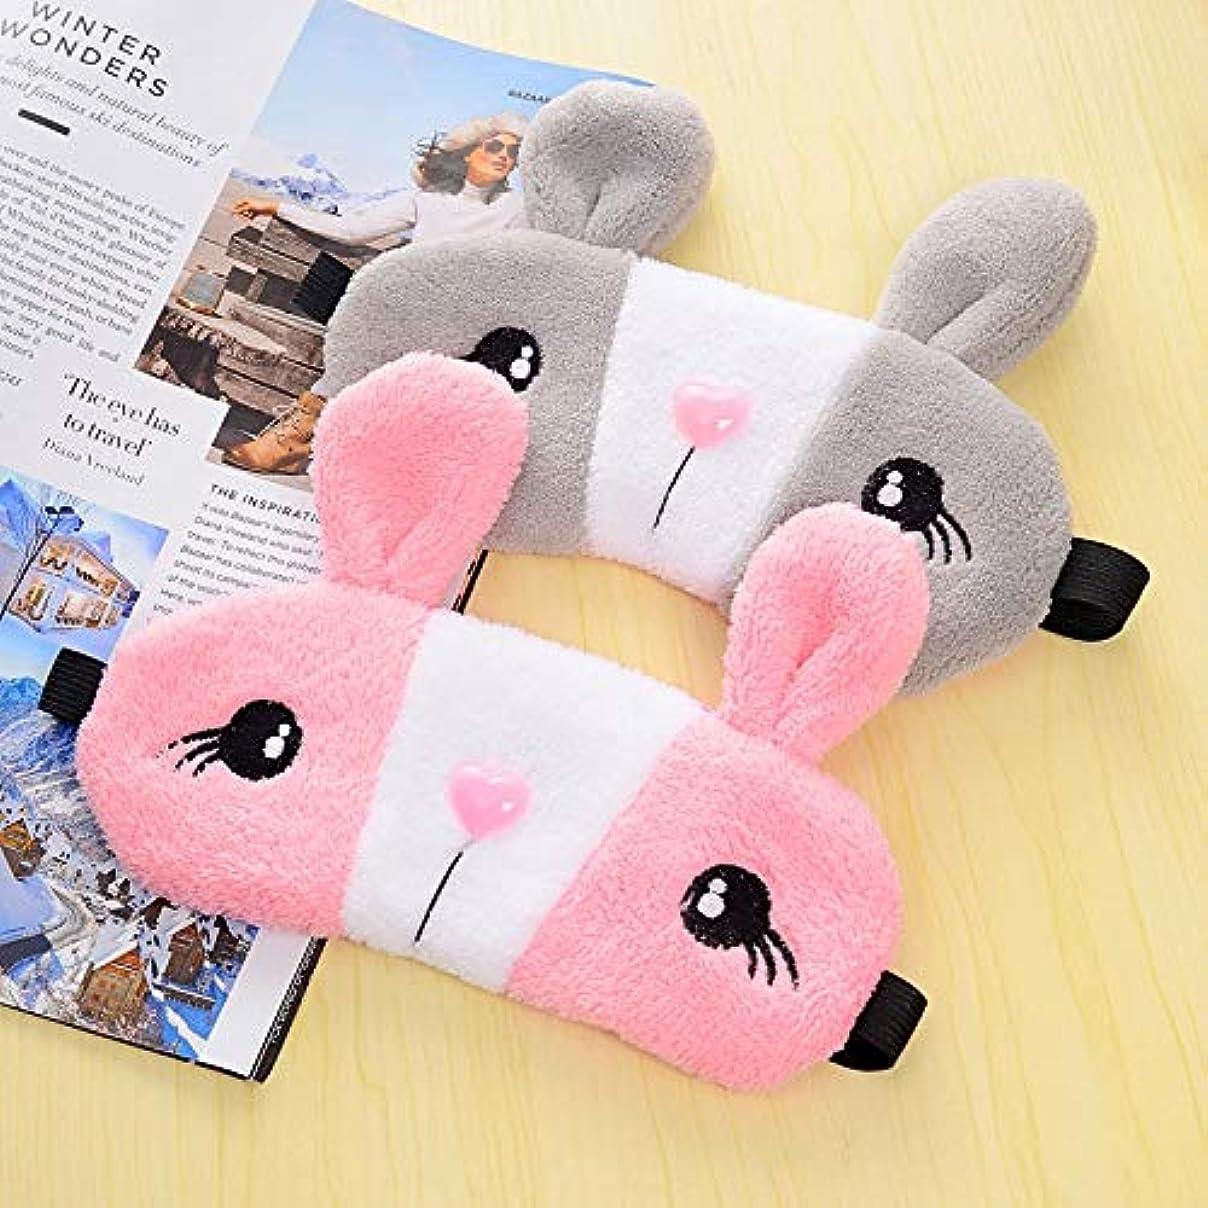 プレフィックス価値のないアーカイブNOTE リラックス冷却かわいいウサギ睡眠目睡眠マスクディープスリープシルクジェルシェードアイパッチアイマスク